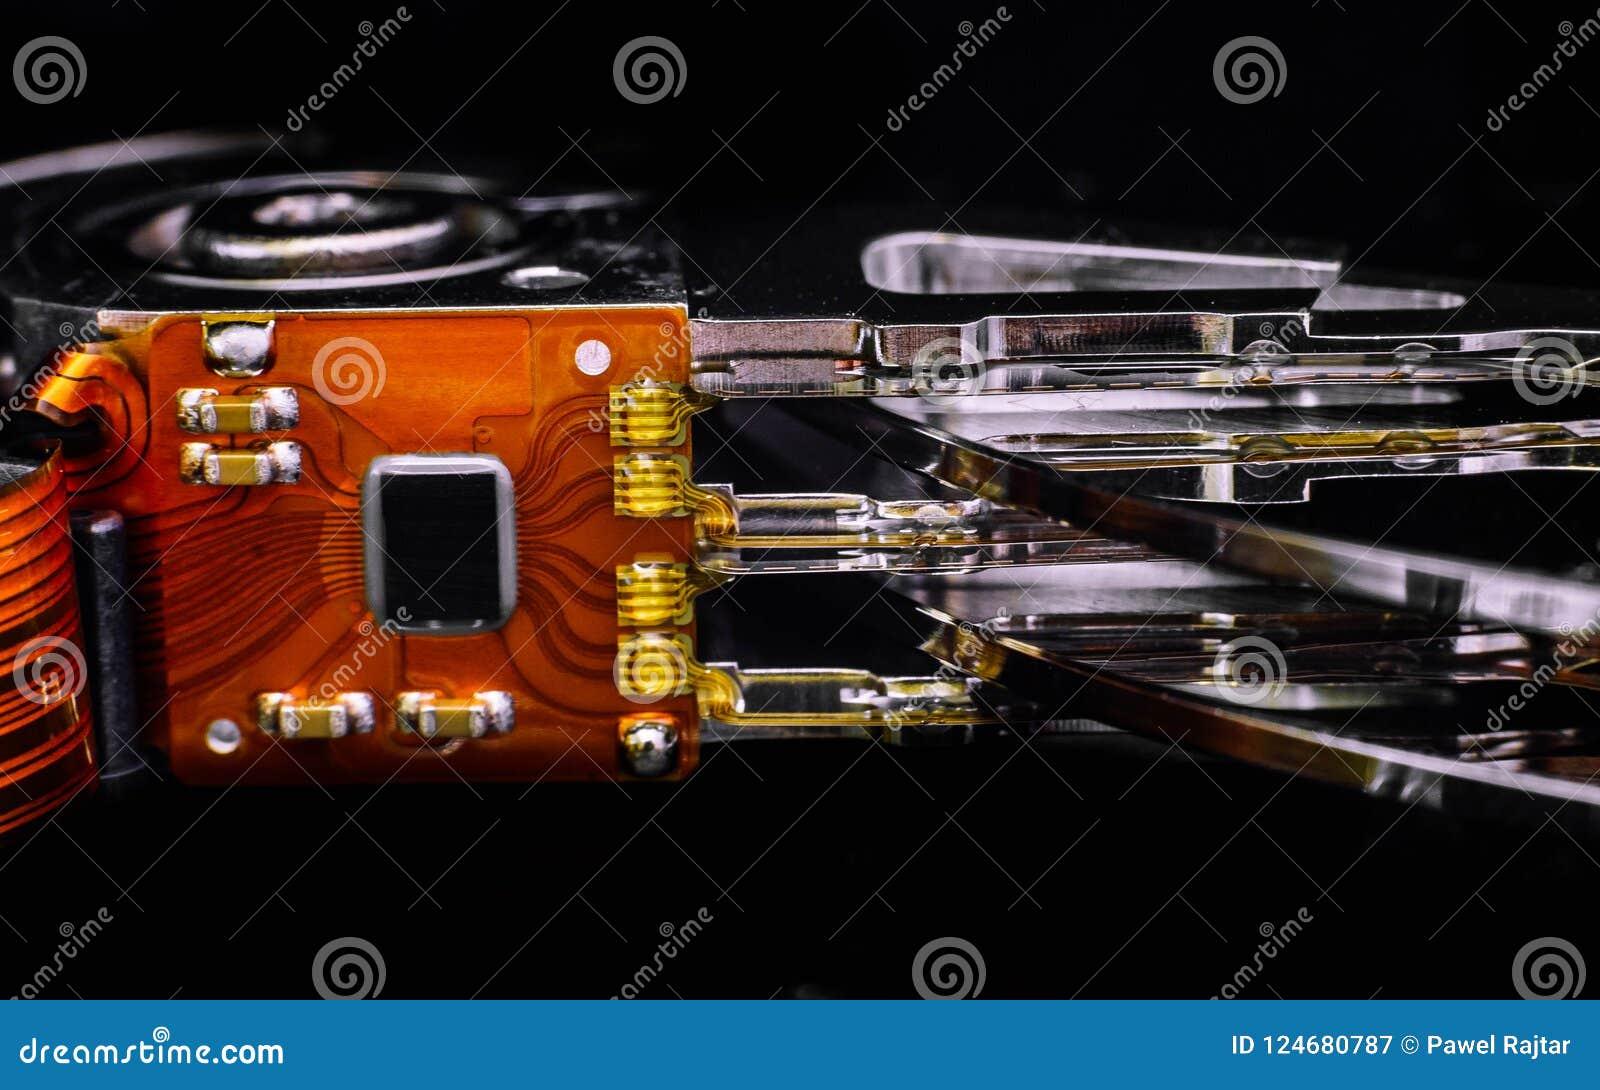 Peças eletrônicas e placas do interior da movimentação de disco rígido Reparo da eletrônica do computador